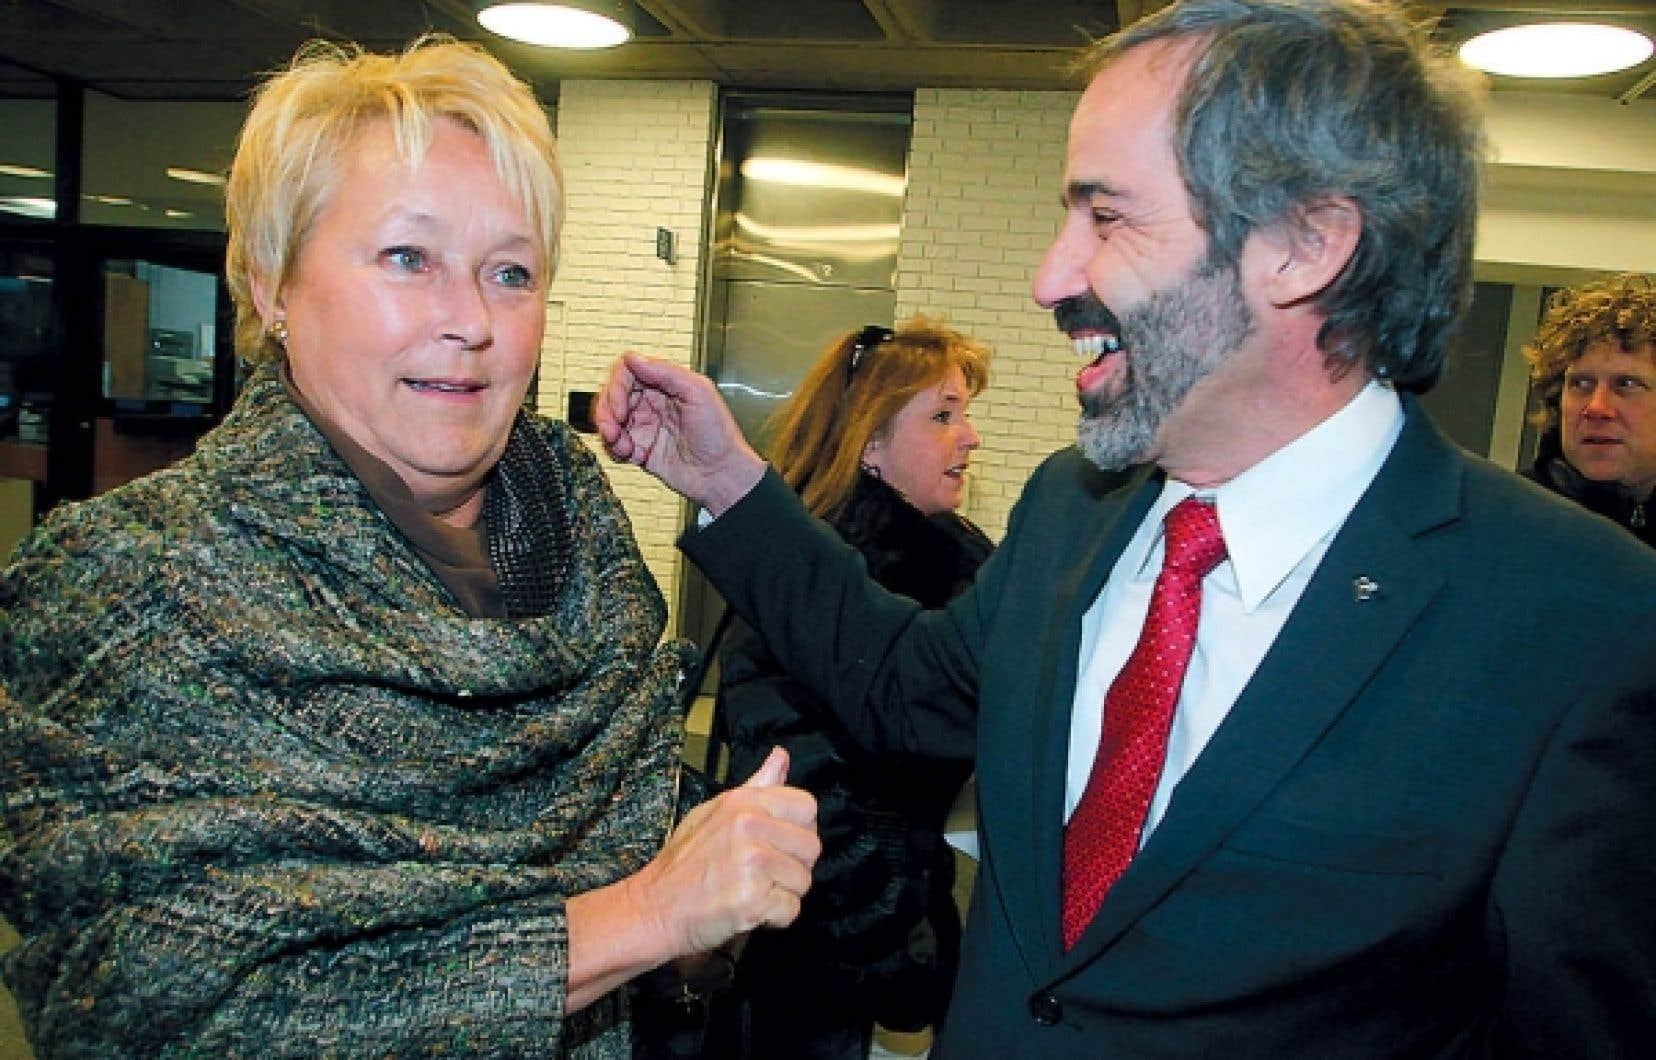 Les chefs péquiste et bloquiste, Pauline Marois et Daniel Paillé, étaient à Montréal hier pour annoncer la création d'un comité sur la souveraineté. Ils se sont montrés peu enclins à offrir un appui ferme à l'ancien chef du Bloc, Gilles Duceppe, qui a été attaqué sur sa gestion des fonds publics.